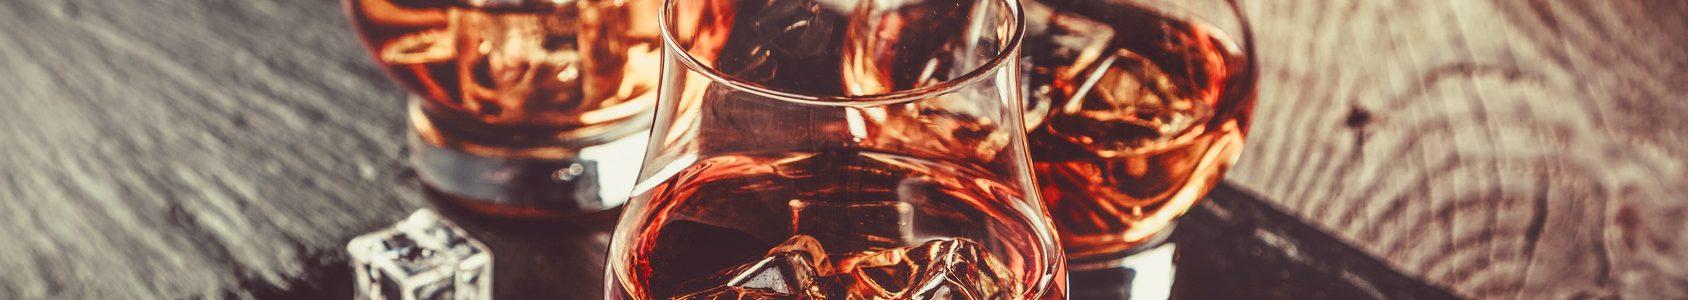 Vasos de vermú artesano Garciani